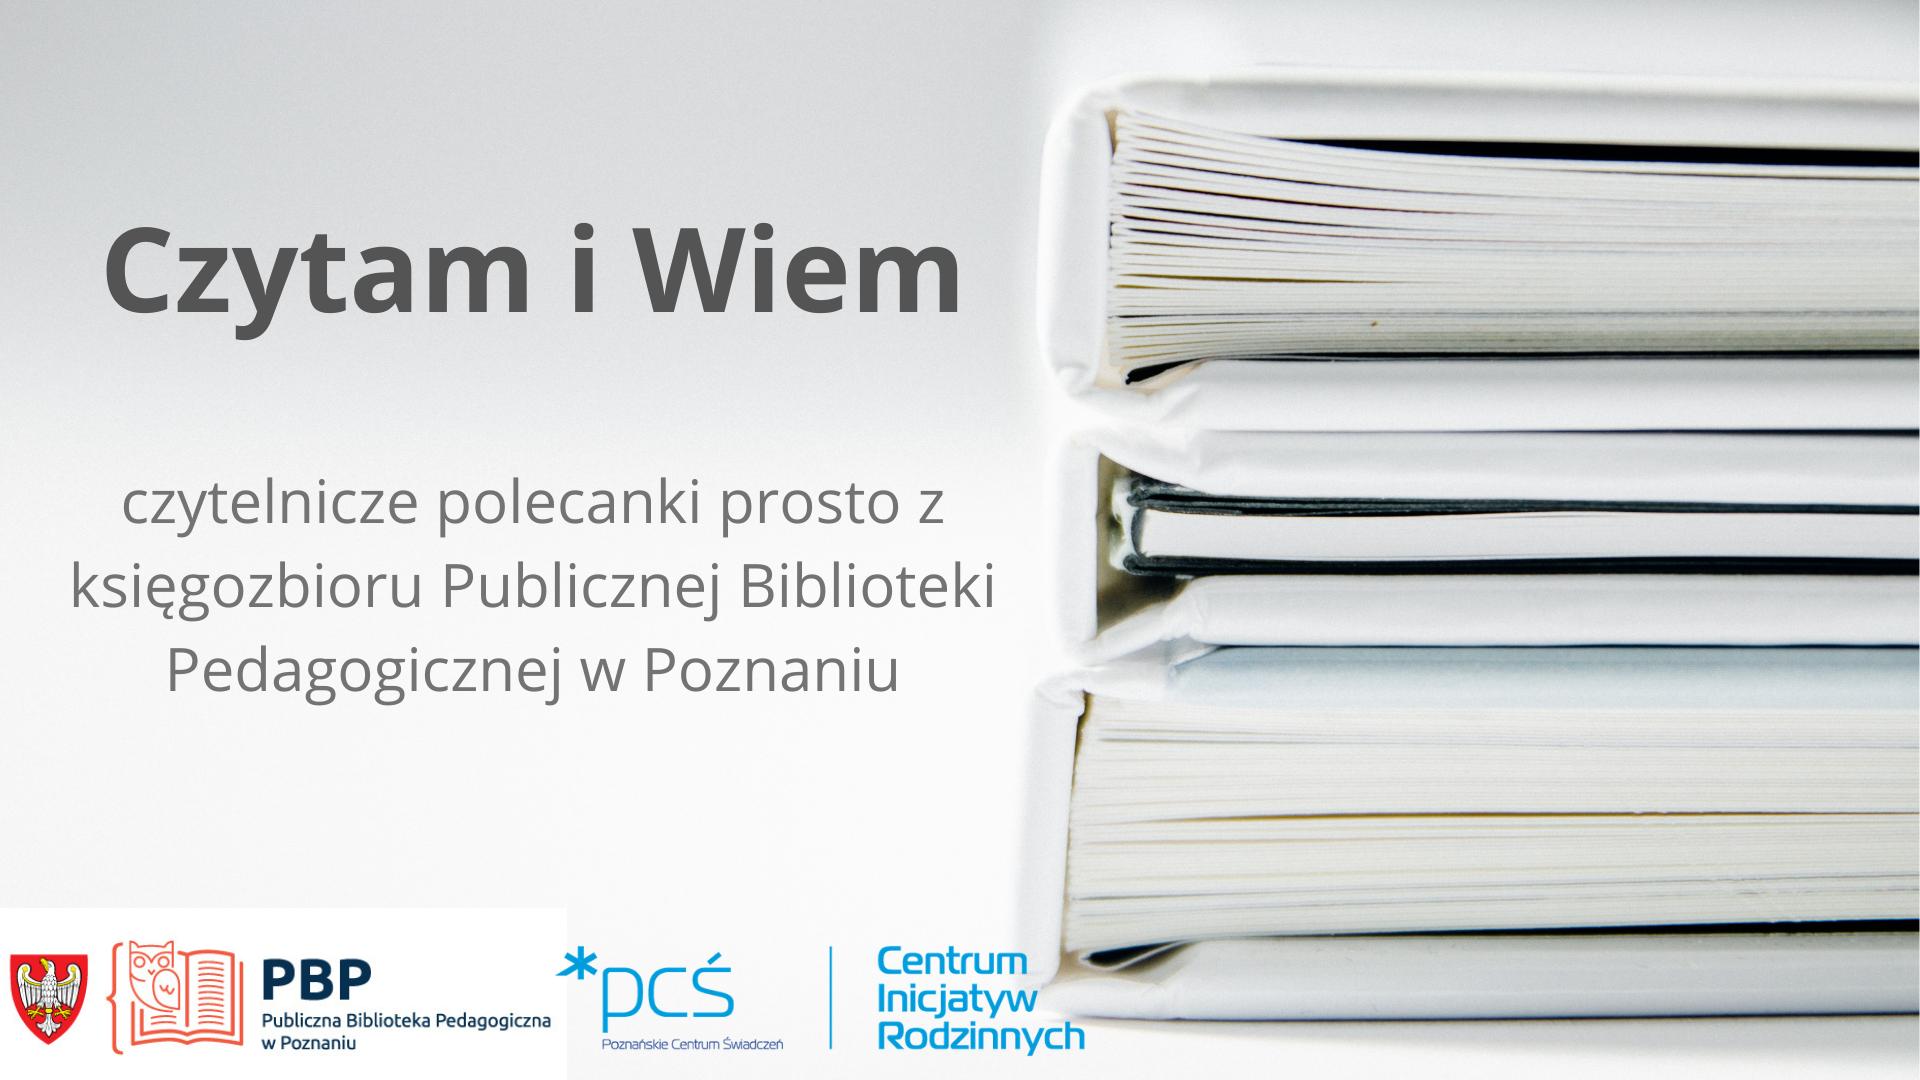 Czytam i Wiem - czytelnicze polecanki prosto z księgozbioru Publicznej Biblioteki Pedagogicznej w Poznaniu